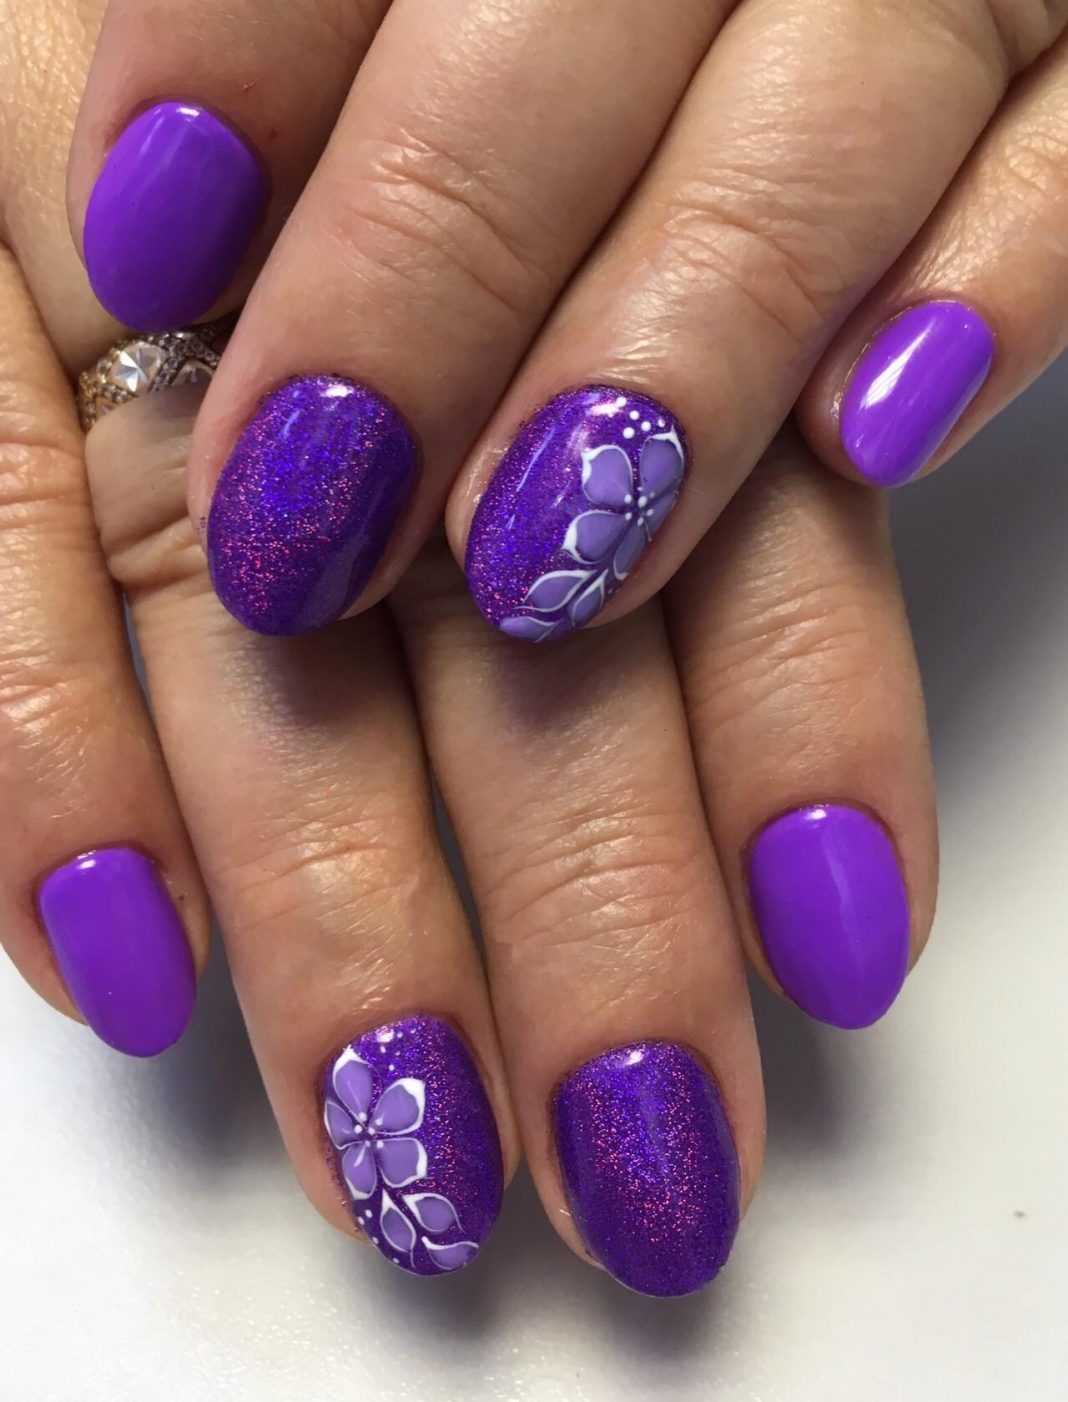 Сиреневый маникюр: стильный и модный дизайн ногтей, актуальн